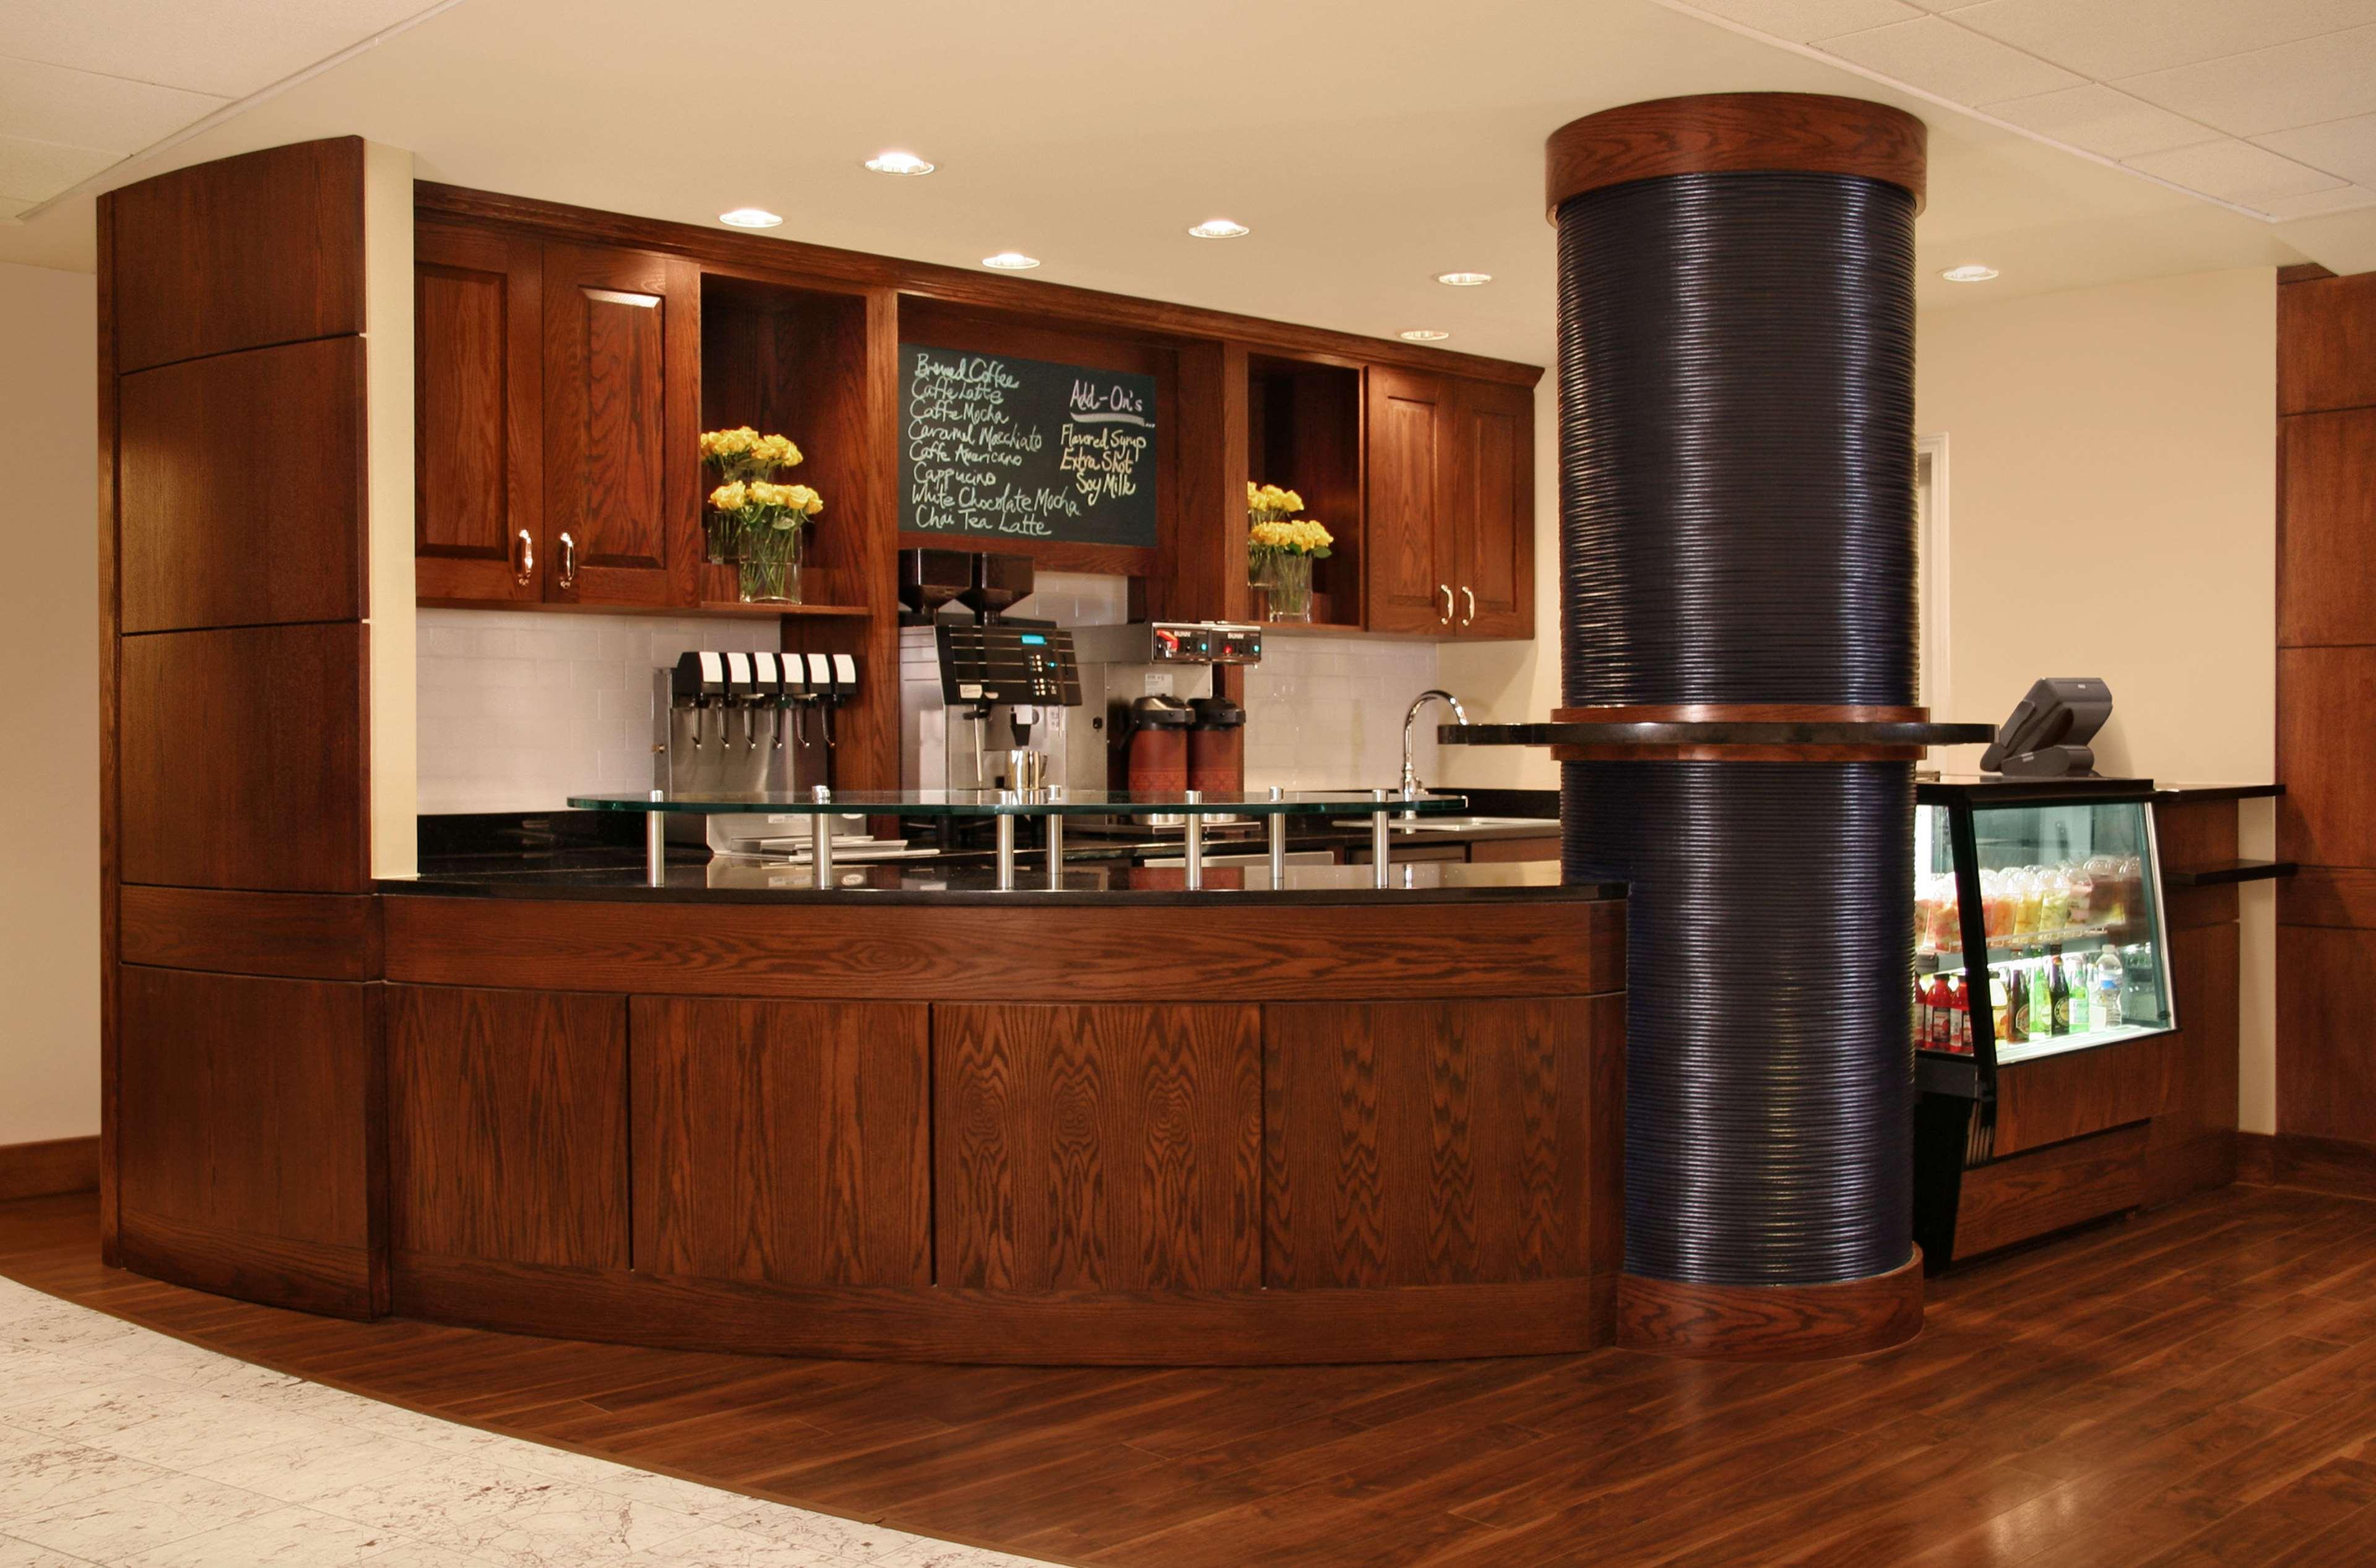 Sheraton Madison Hotel image 5